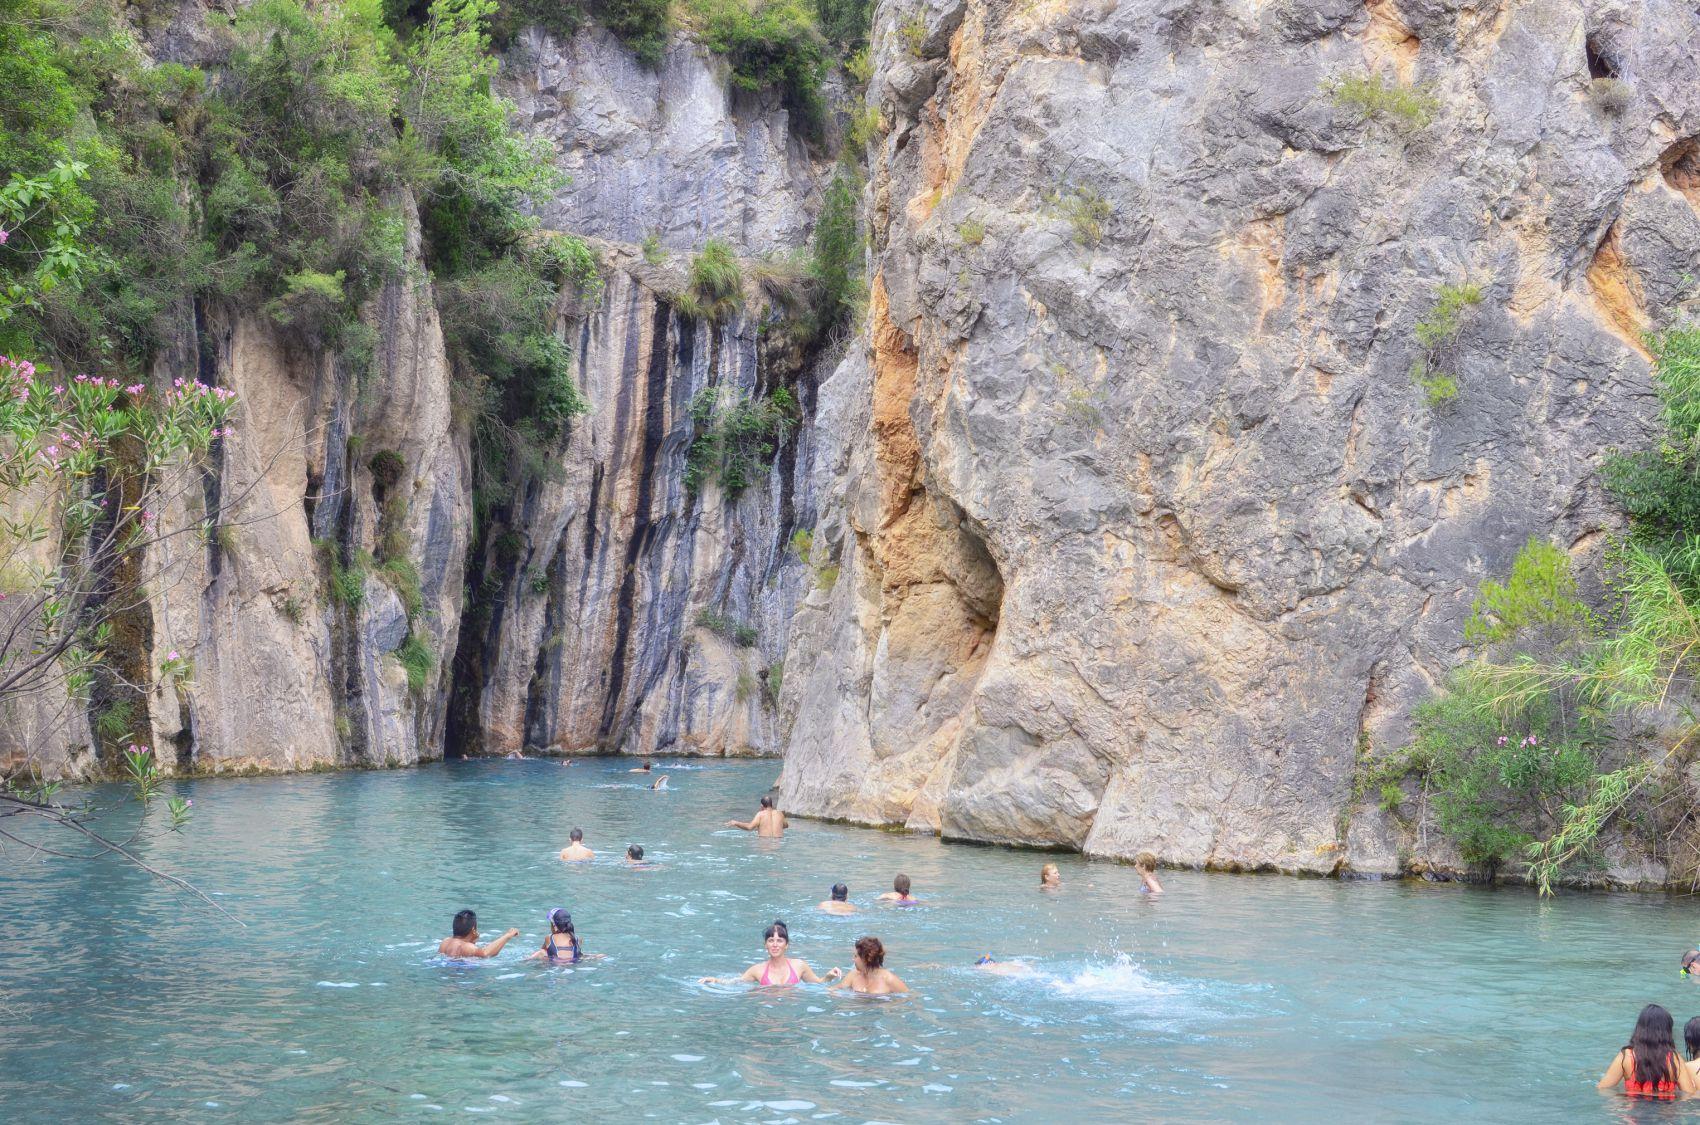 Sus aguas termales minero-medicinales manan de siete caños en las cercanías de la piscina natural.